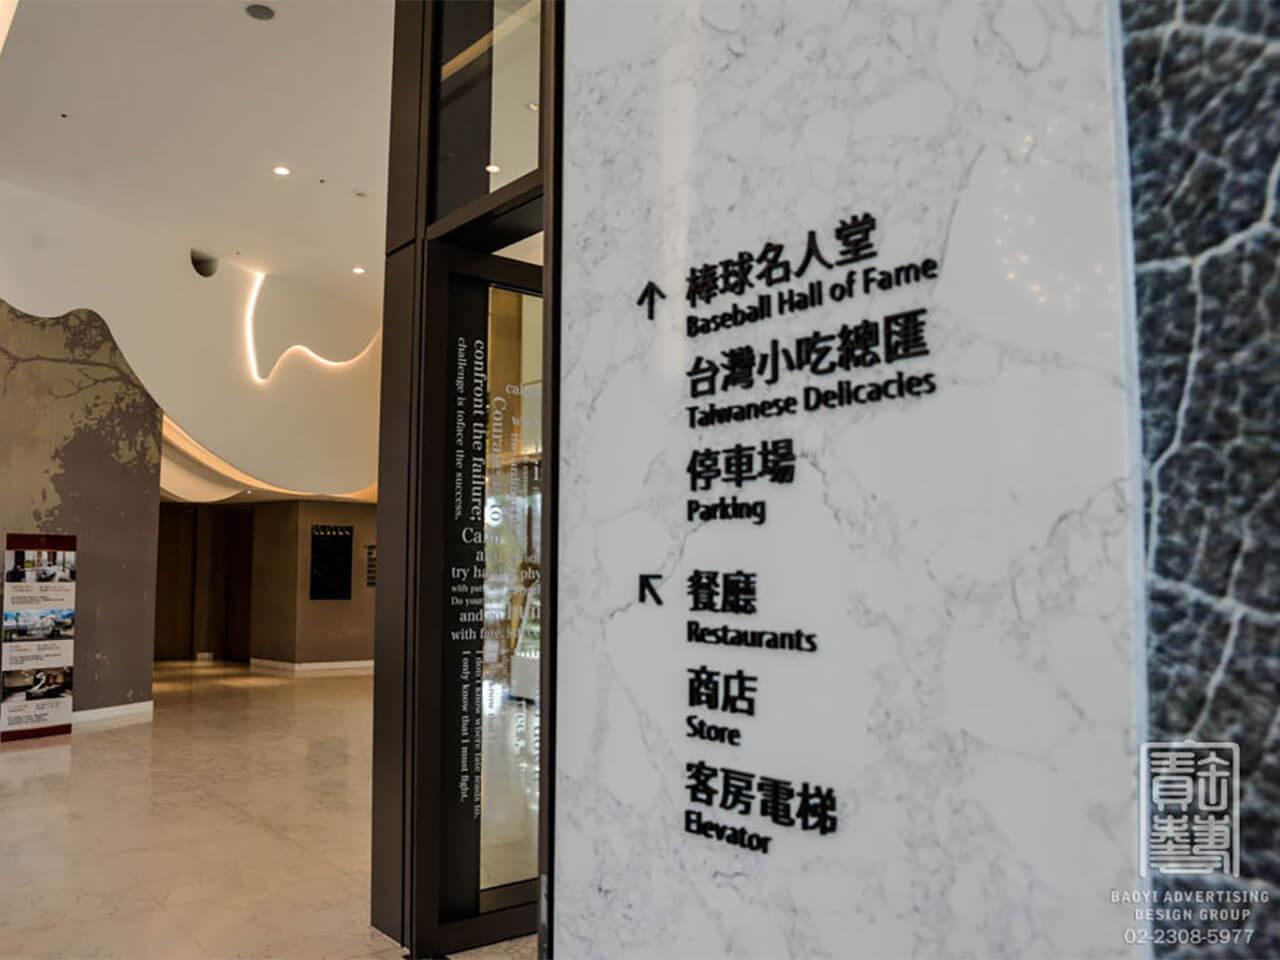 飯店專業招牌指示牌製作